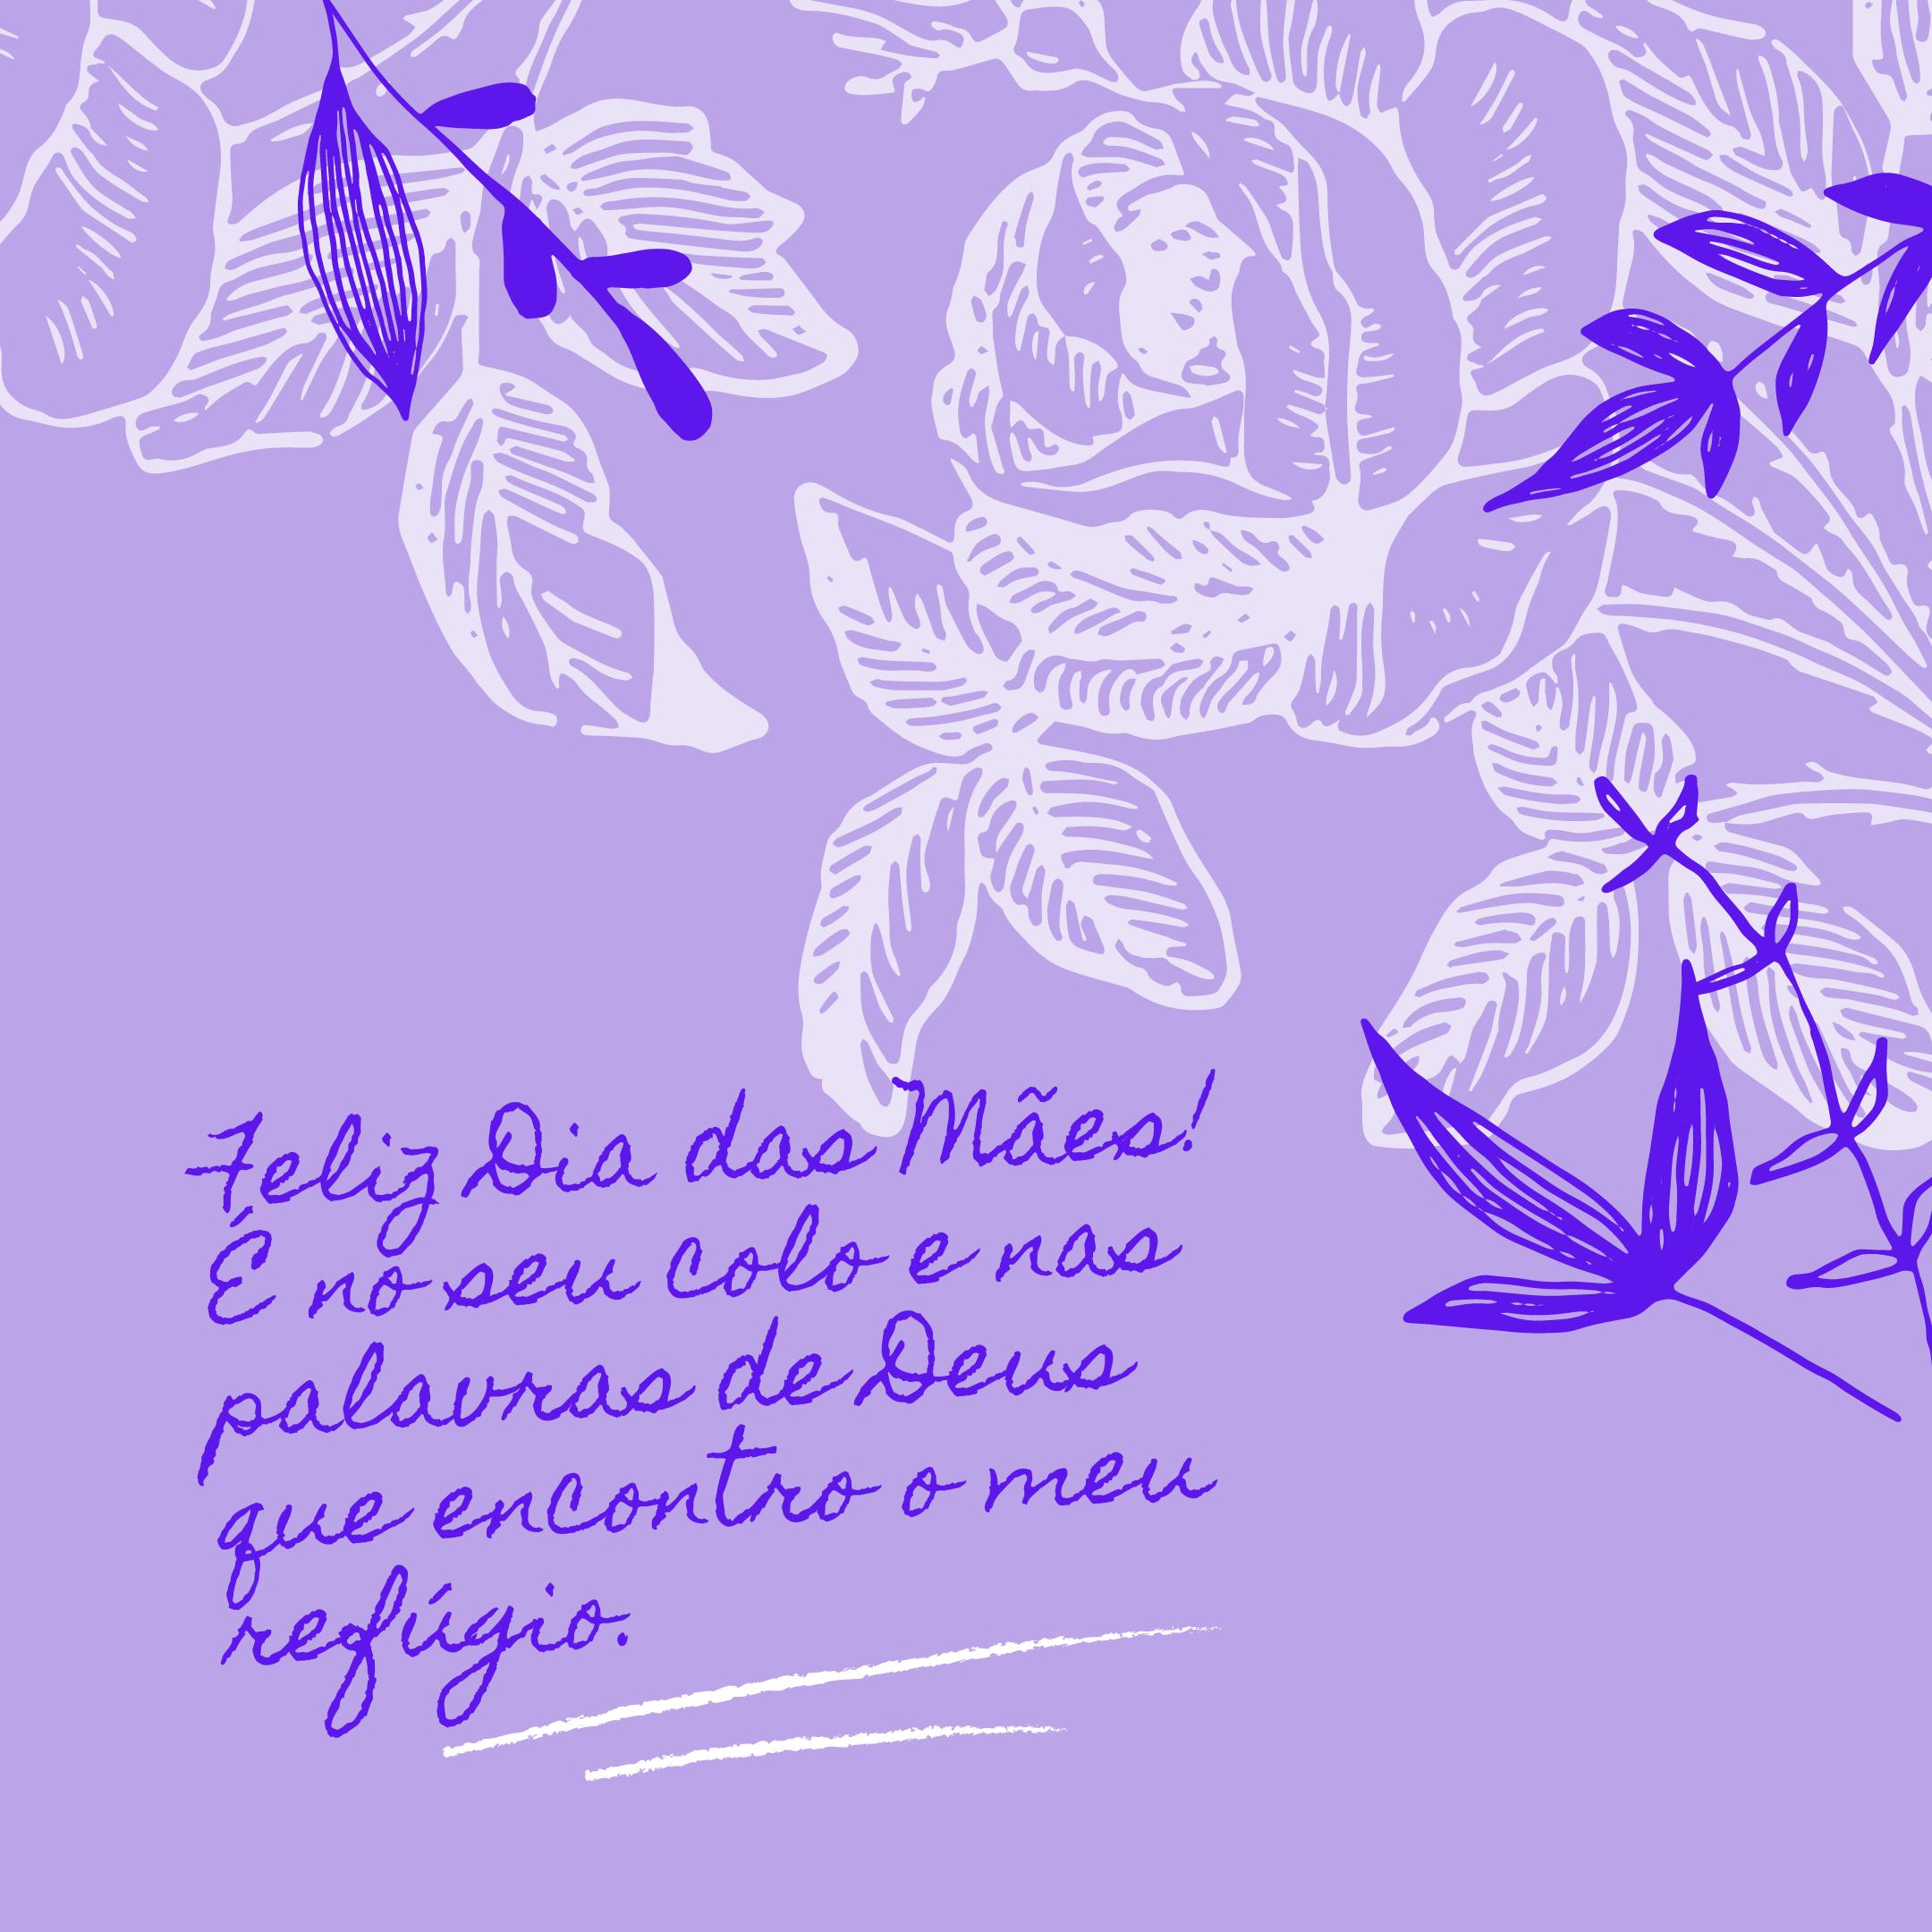 Feliz Dia das Mães! É no seu colo e nas palavras de Deus que encontro o meu refúgio.